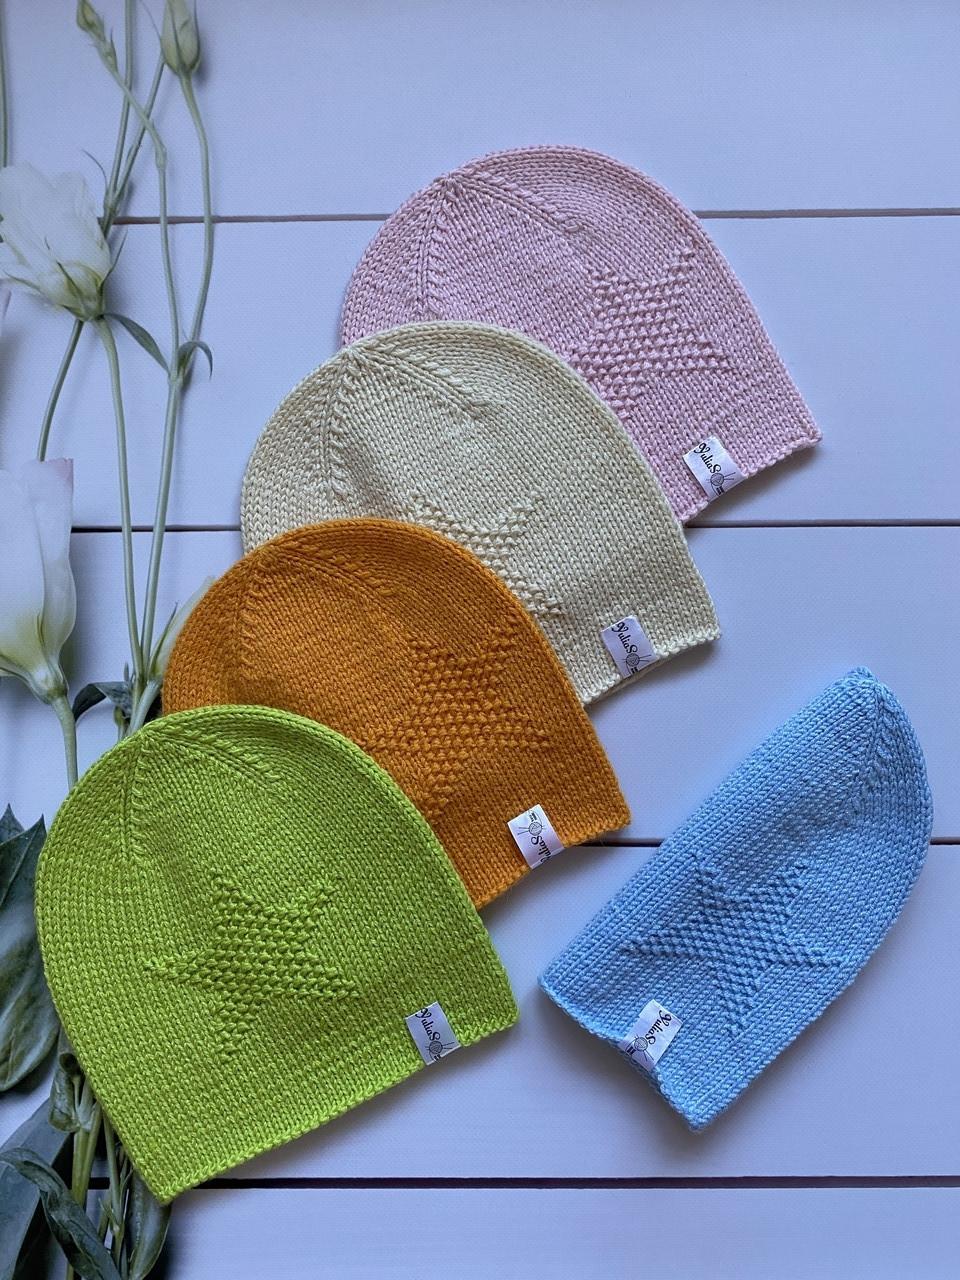 Демисезонная детская вязаная шапка для девочки и мальчика весна осень ручной работы.